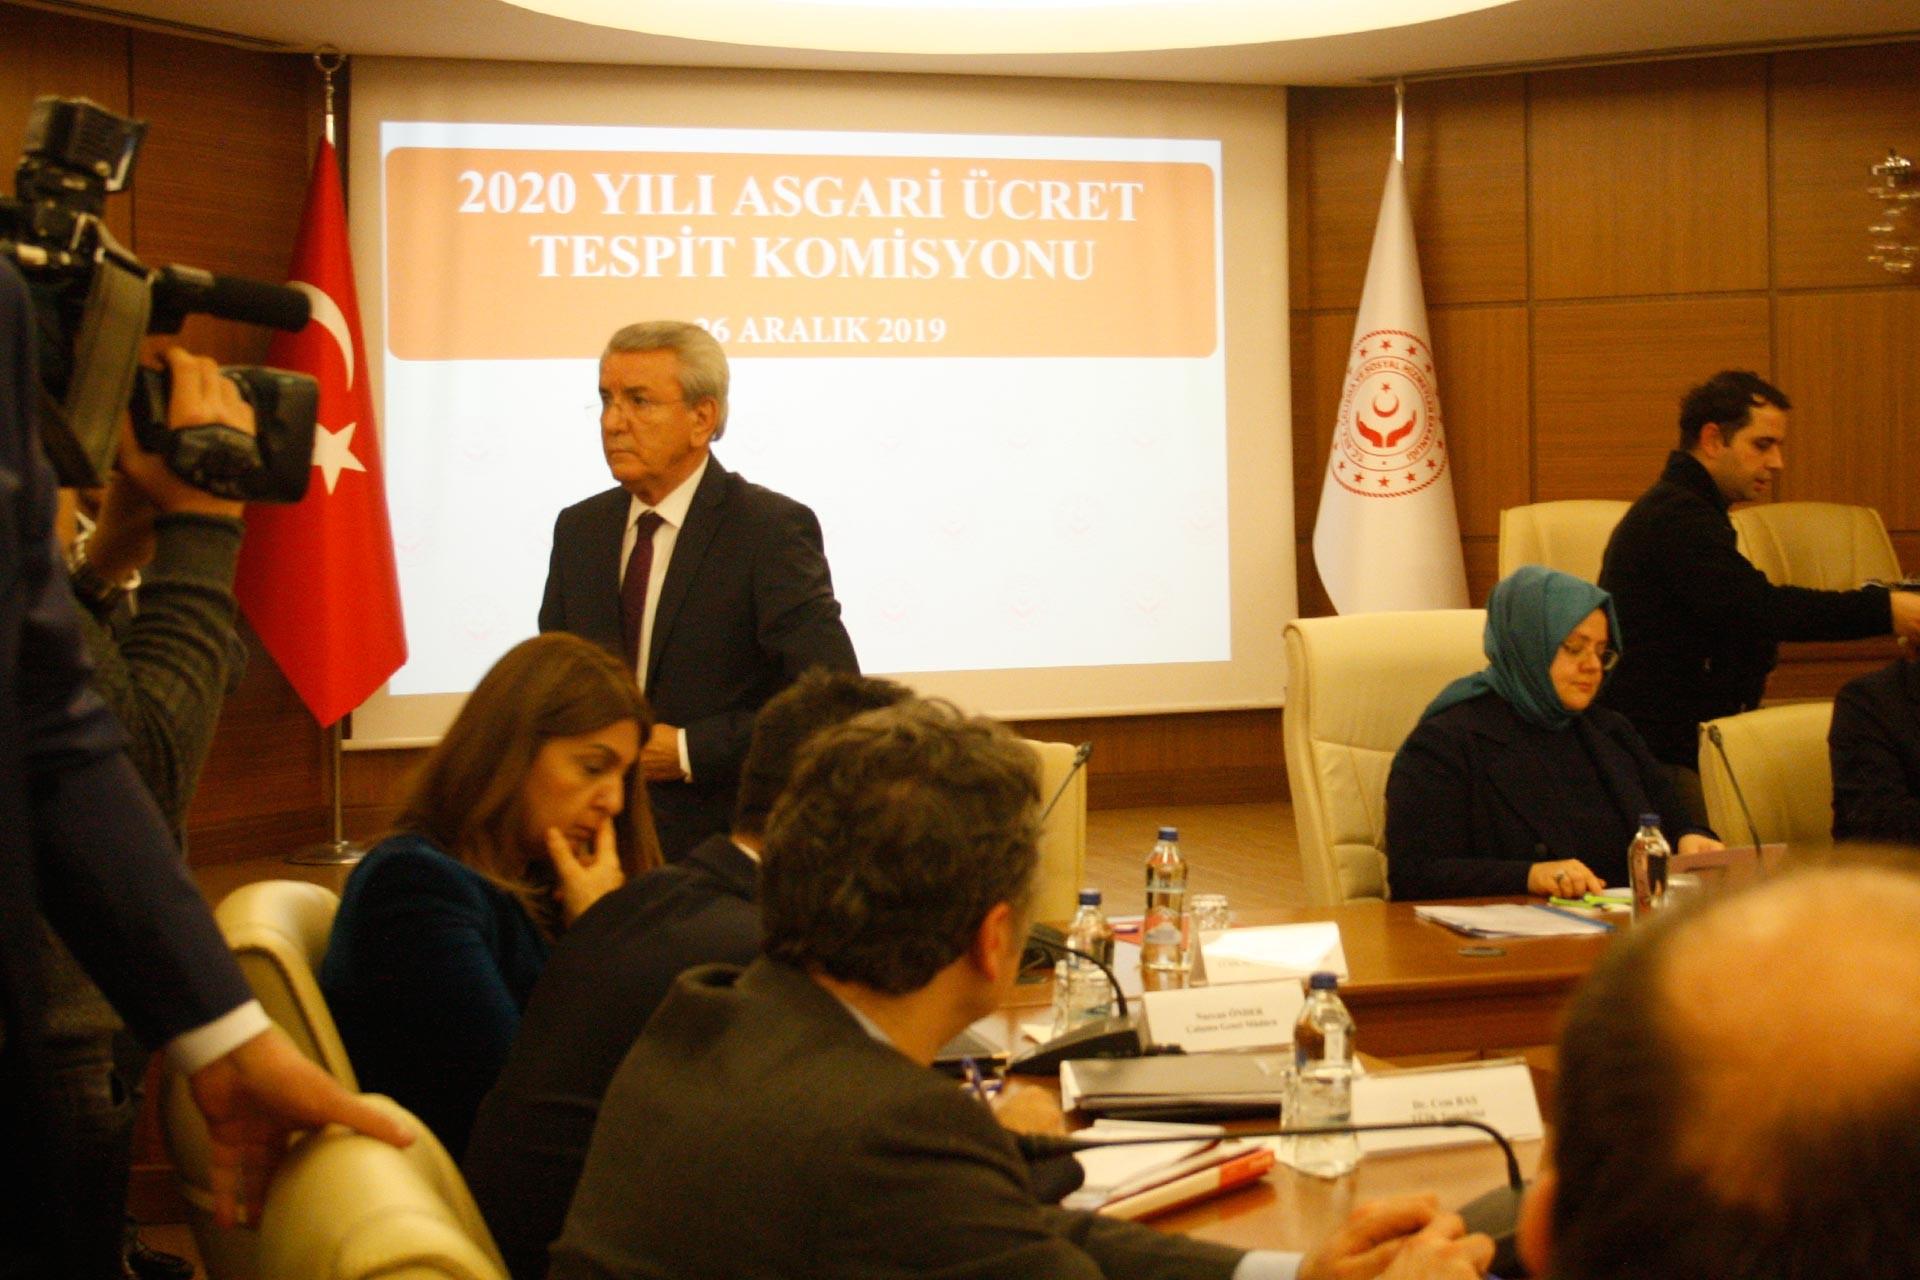 Türk-İş Temsilcisi Nazmi Irgat 2020 Yılı Asgari Ücret Tespit Komisyonu toplantısını terk ederken